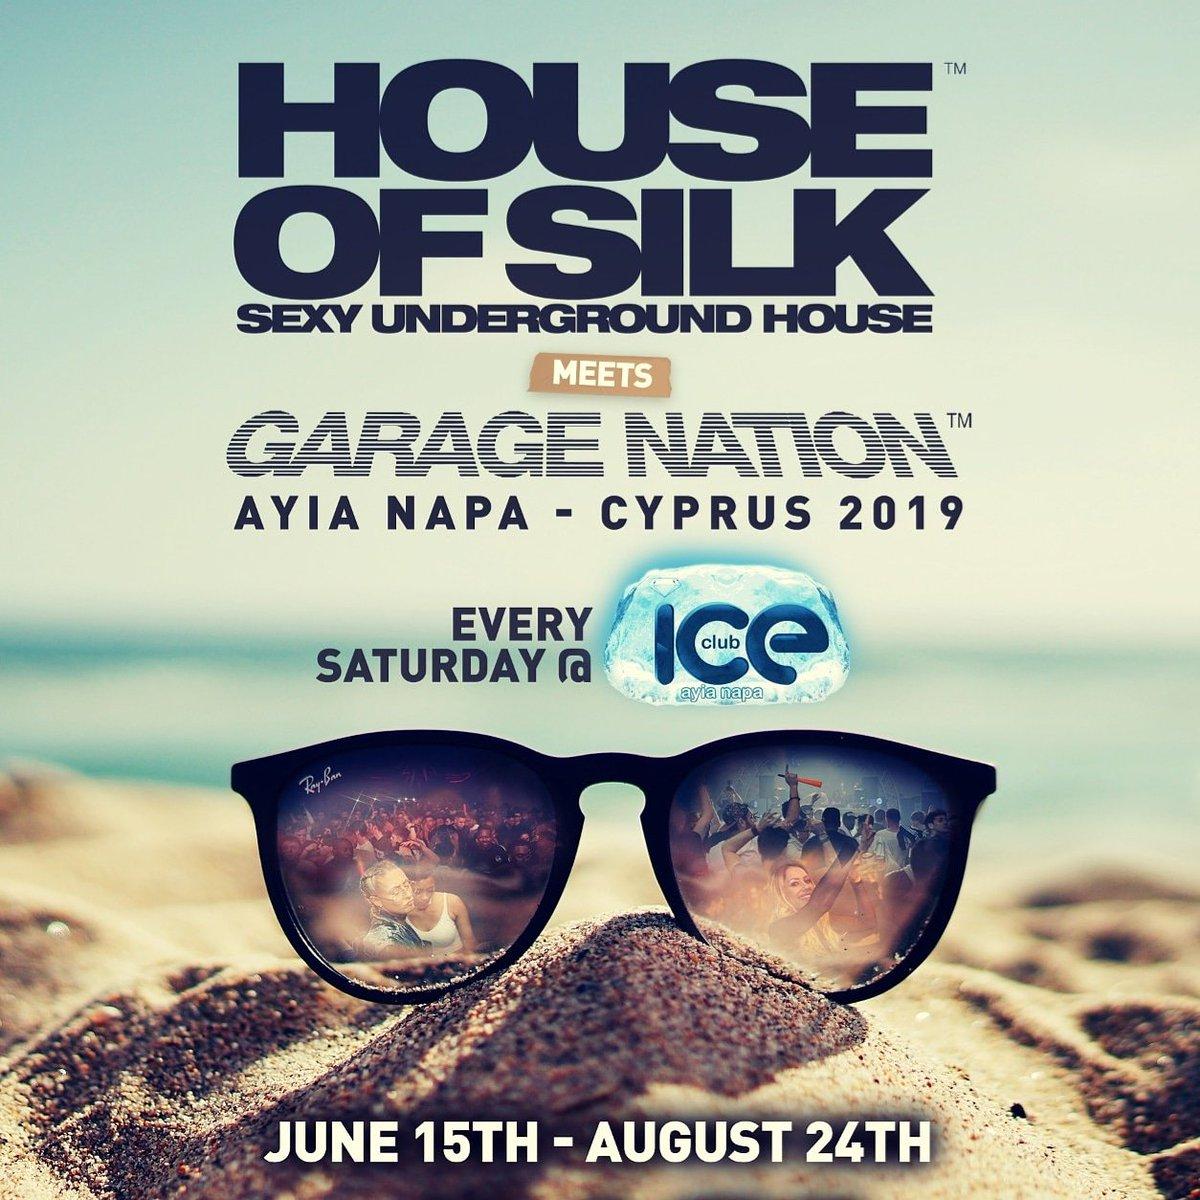 House of Silk Garage Nation Ayia Napa